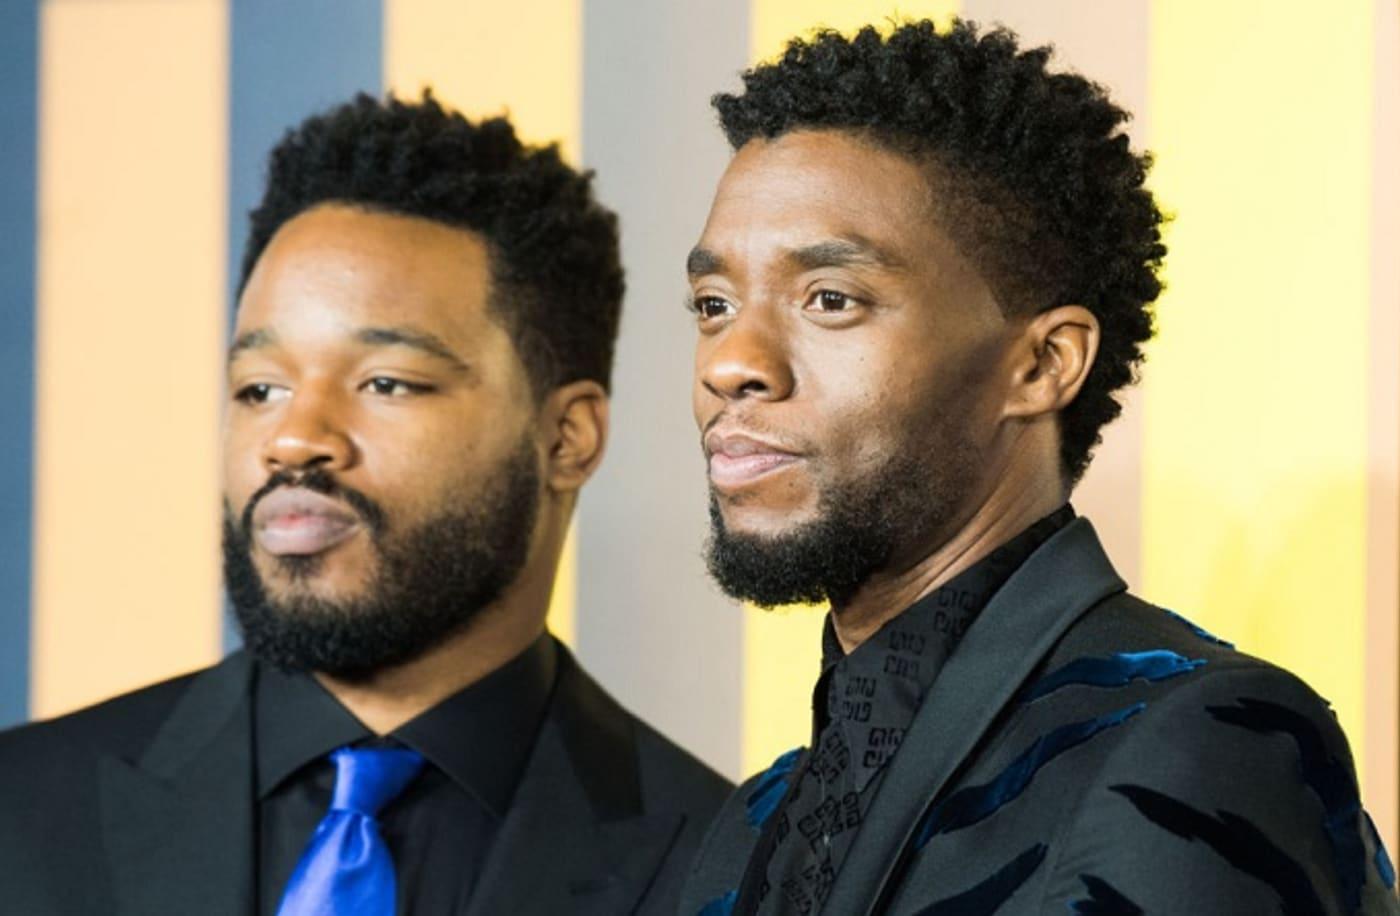 Ryan Coogler and Chadwick Boseman of Black Panther